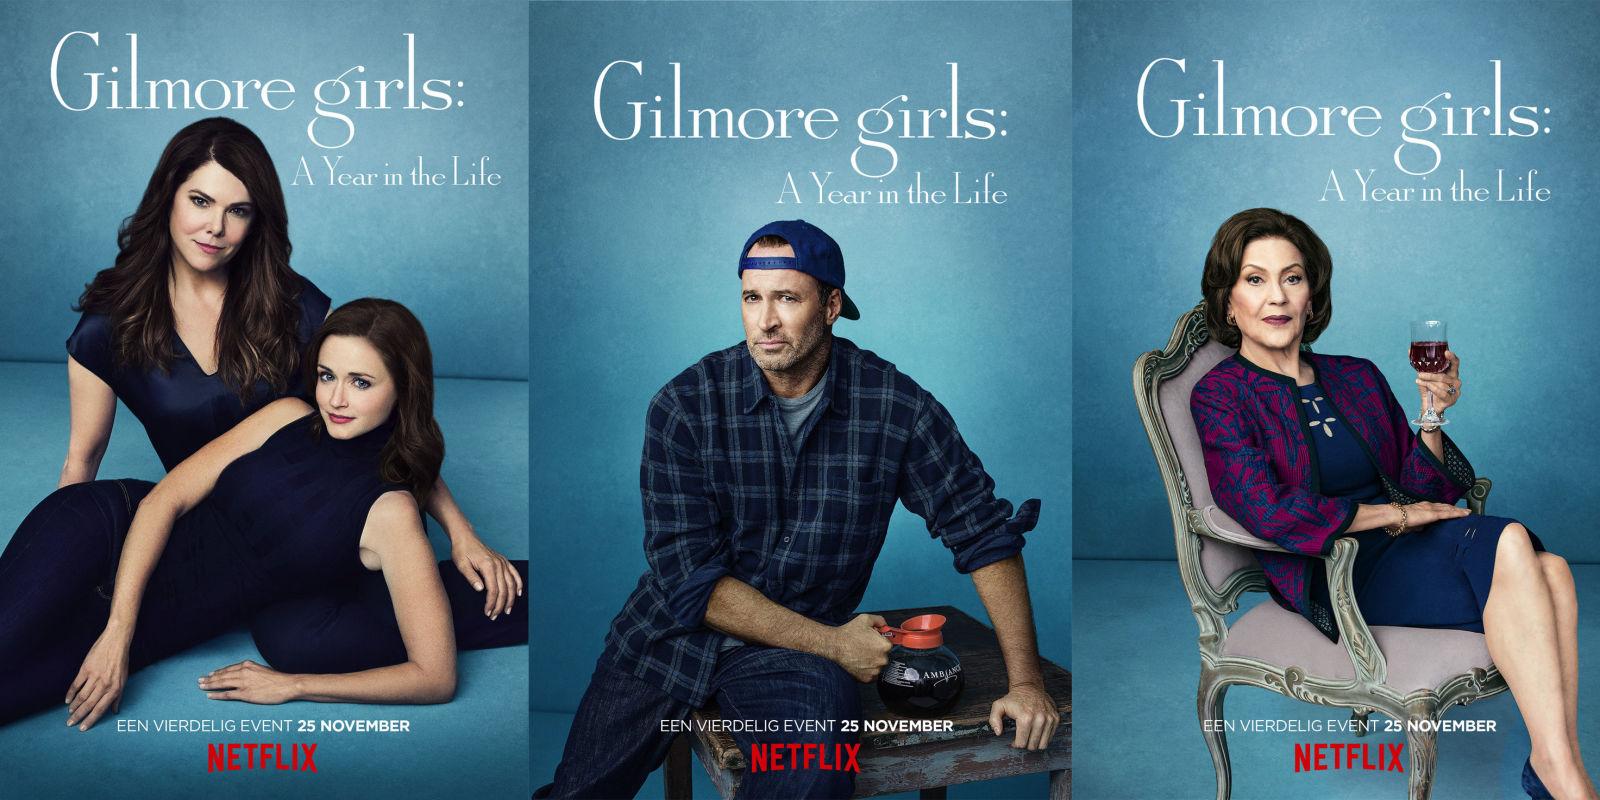 Mijn reactie op Gilmore Girls Trailer